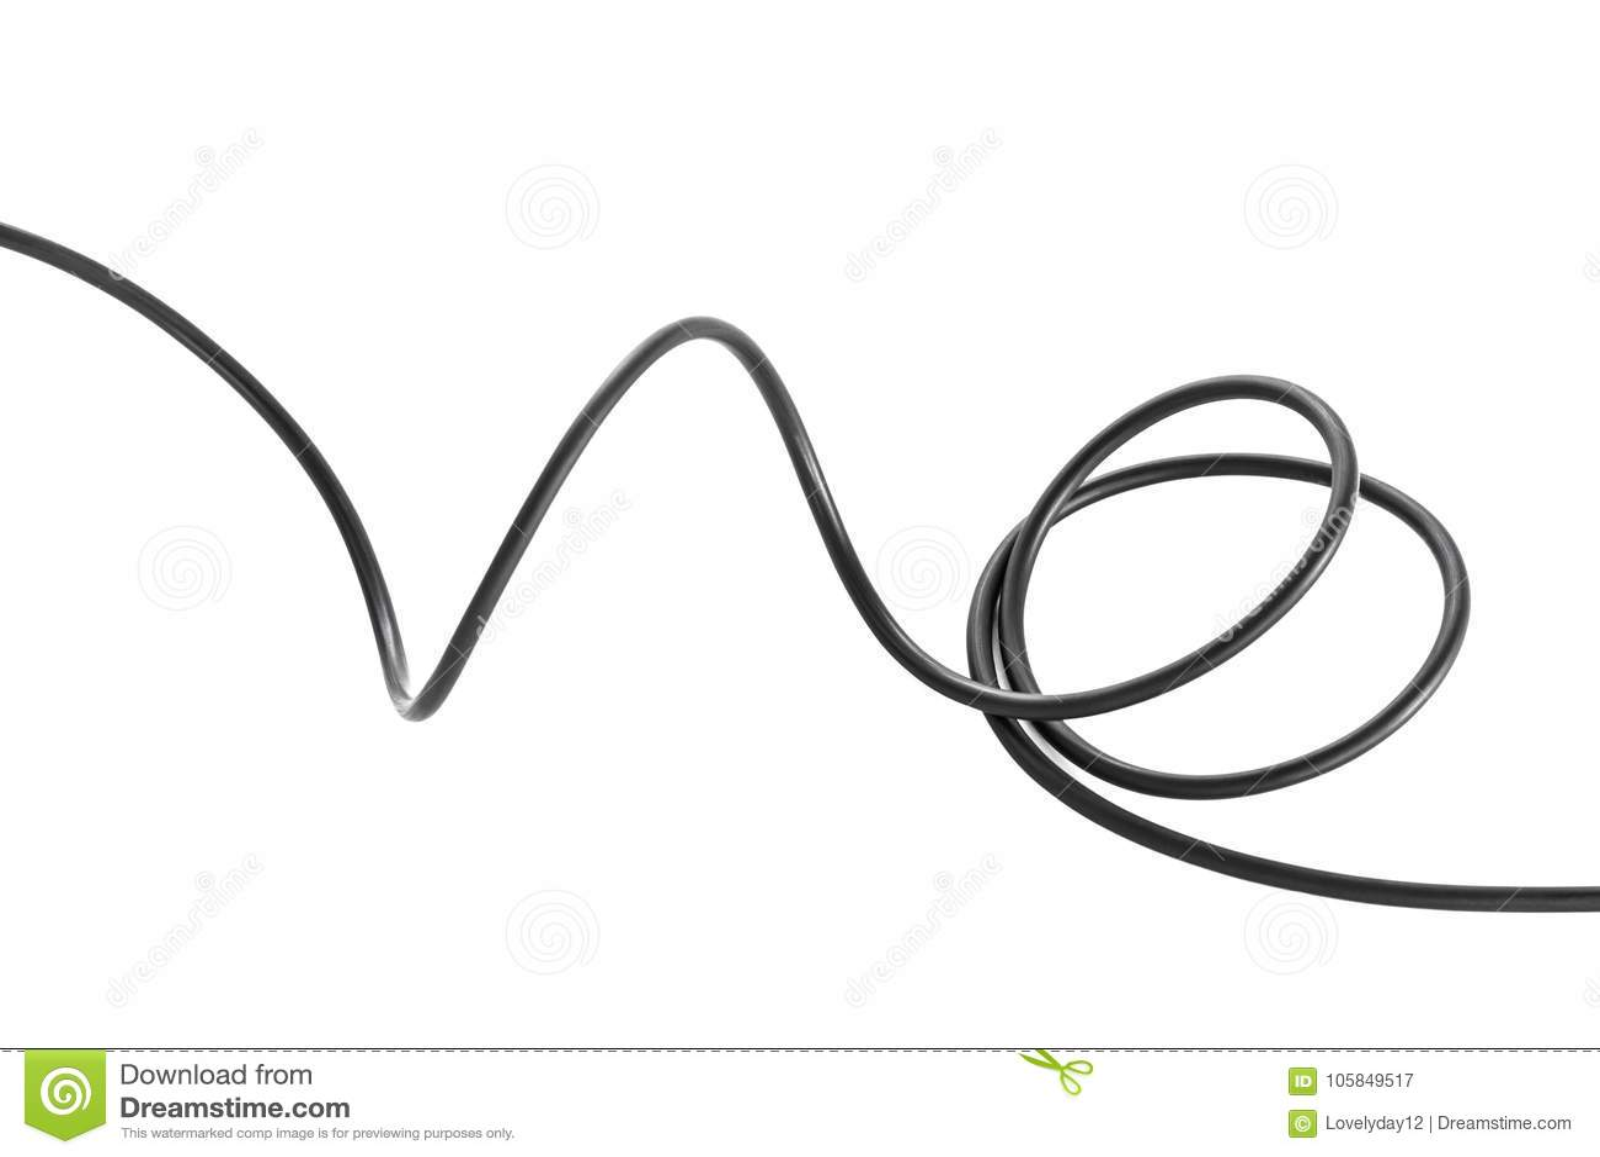 Fantastic Wire Tcaps Motif - Electrical Circuit Diagram Ideas ...